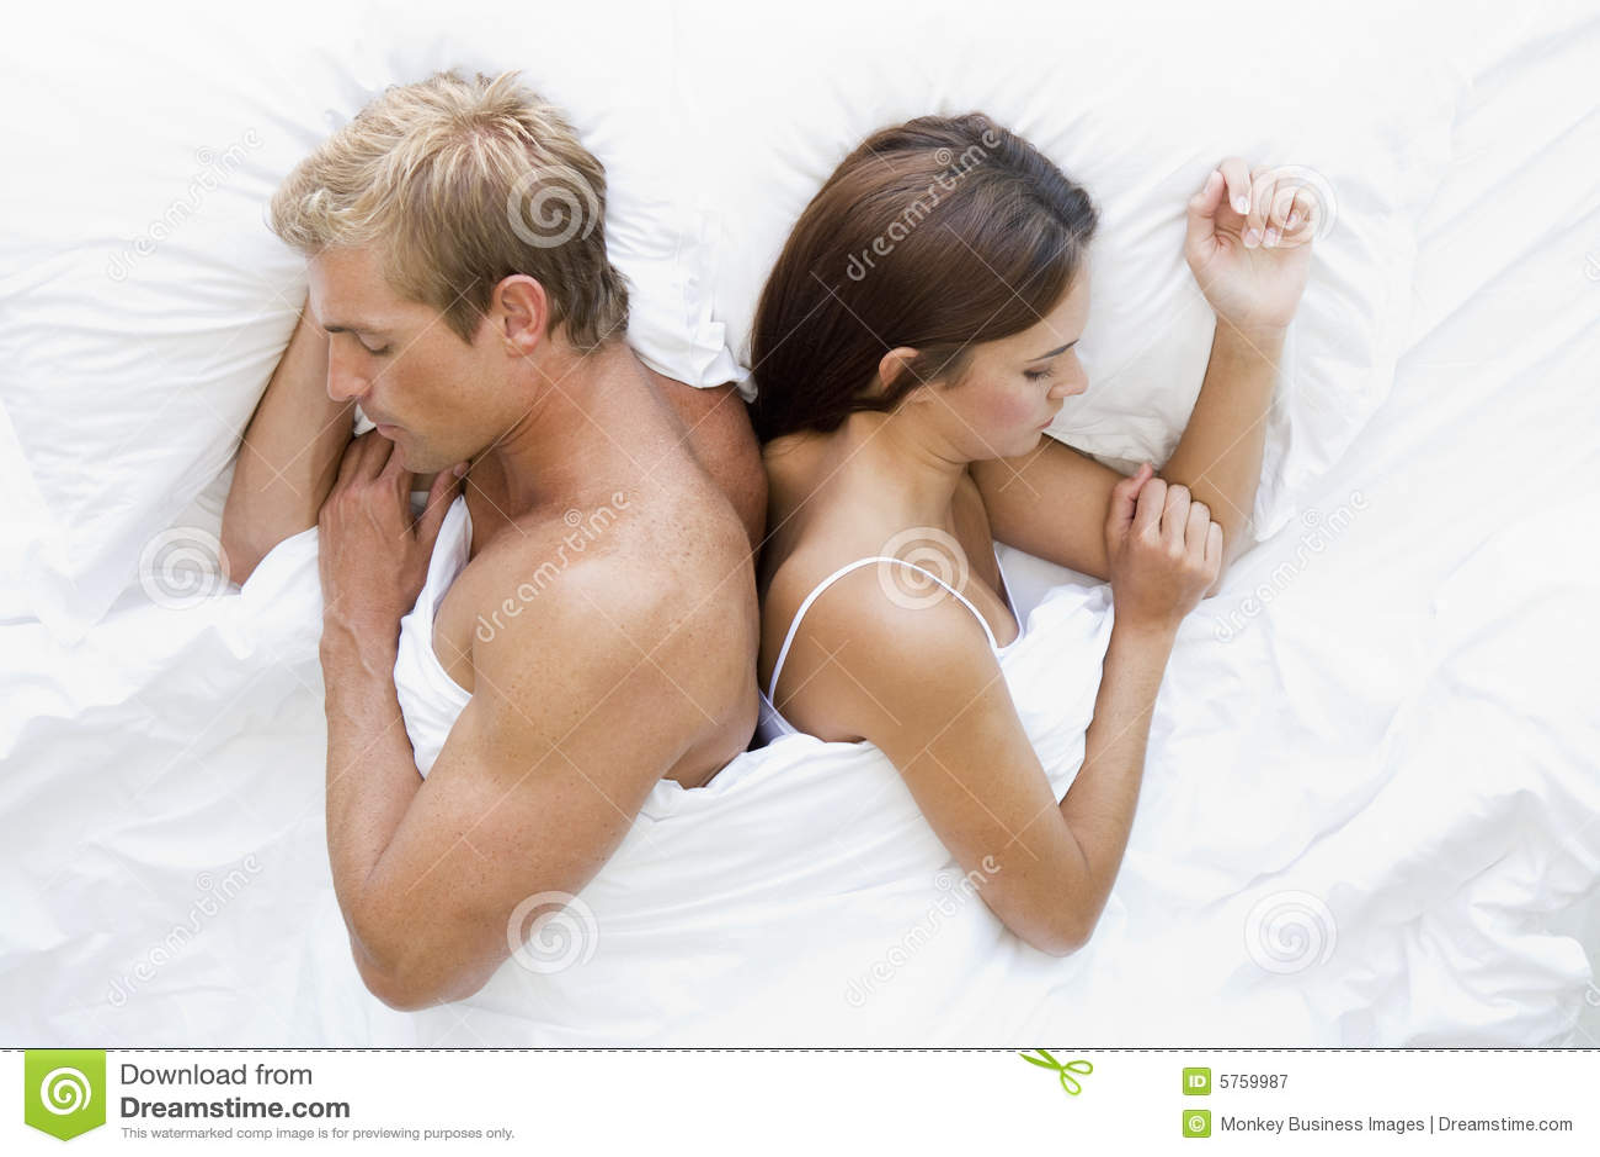 Я жена и друг в постеле 23 фотография